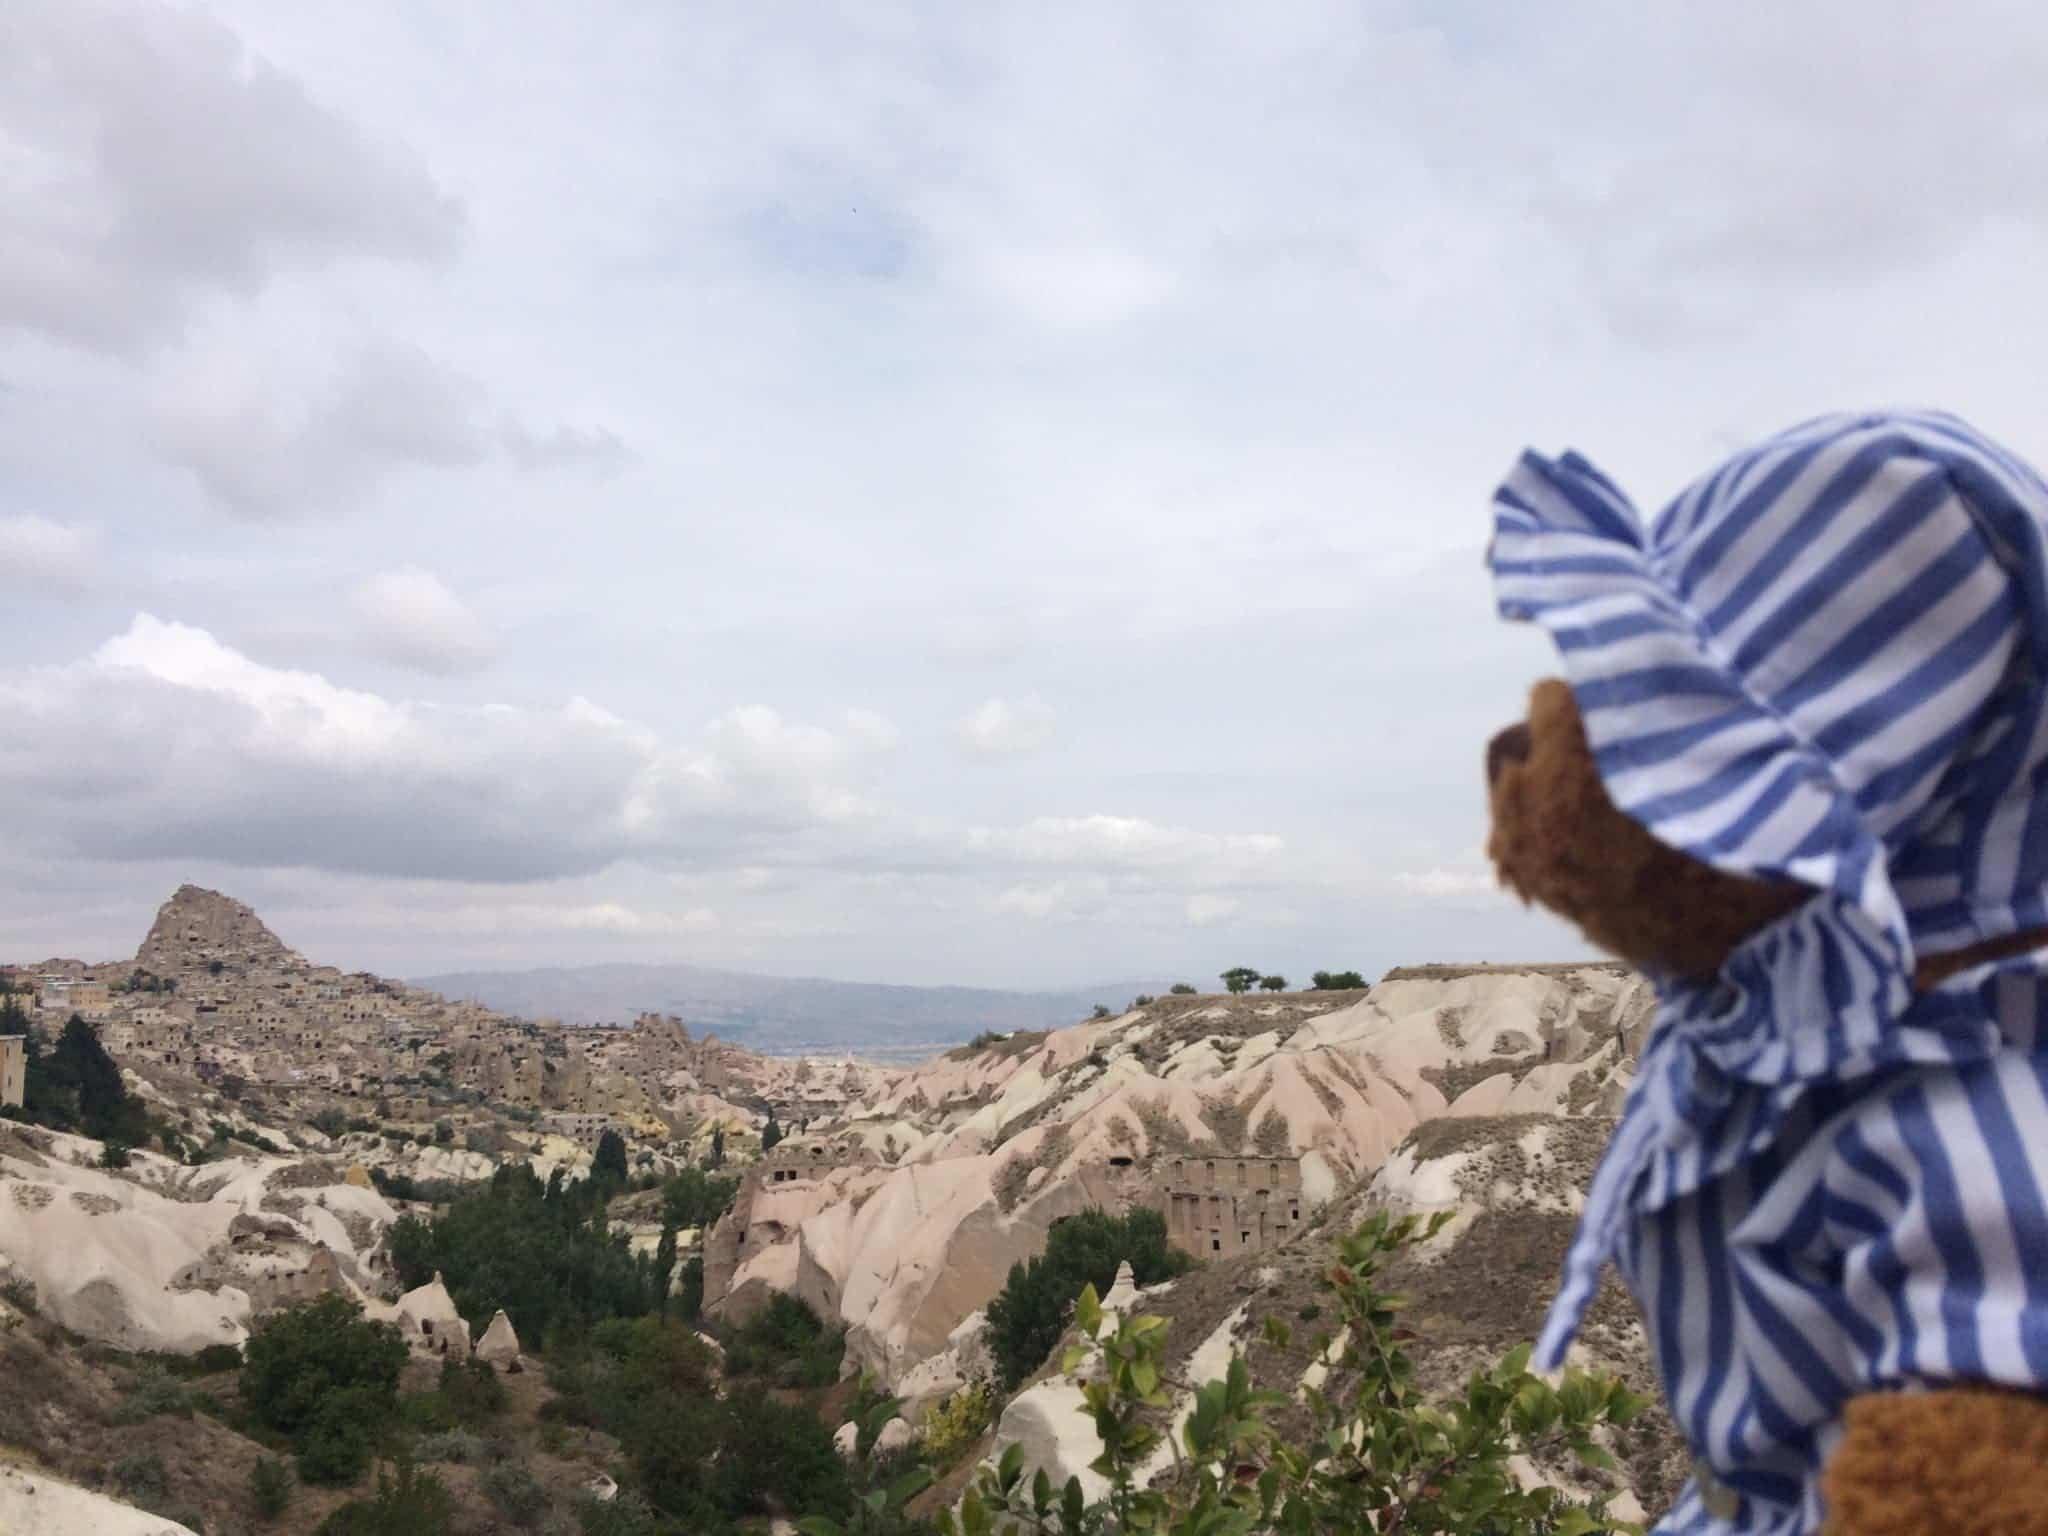 Osito en Capadocia Turquia - ¿Qué hacen 5 ositos de peluche vestidos de Perlé viajando por el mundo?